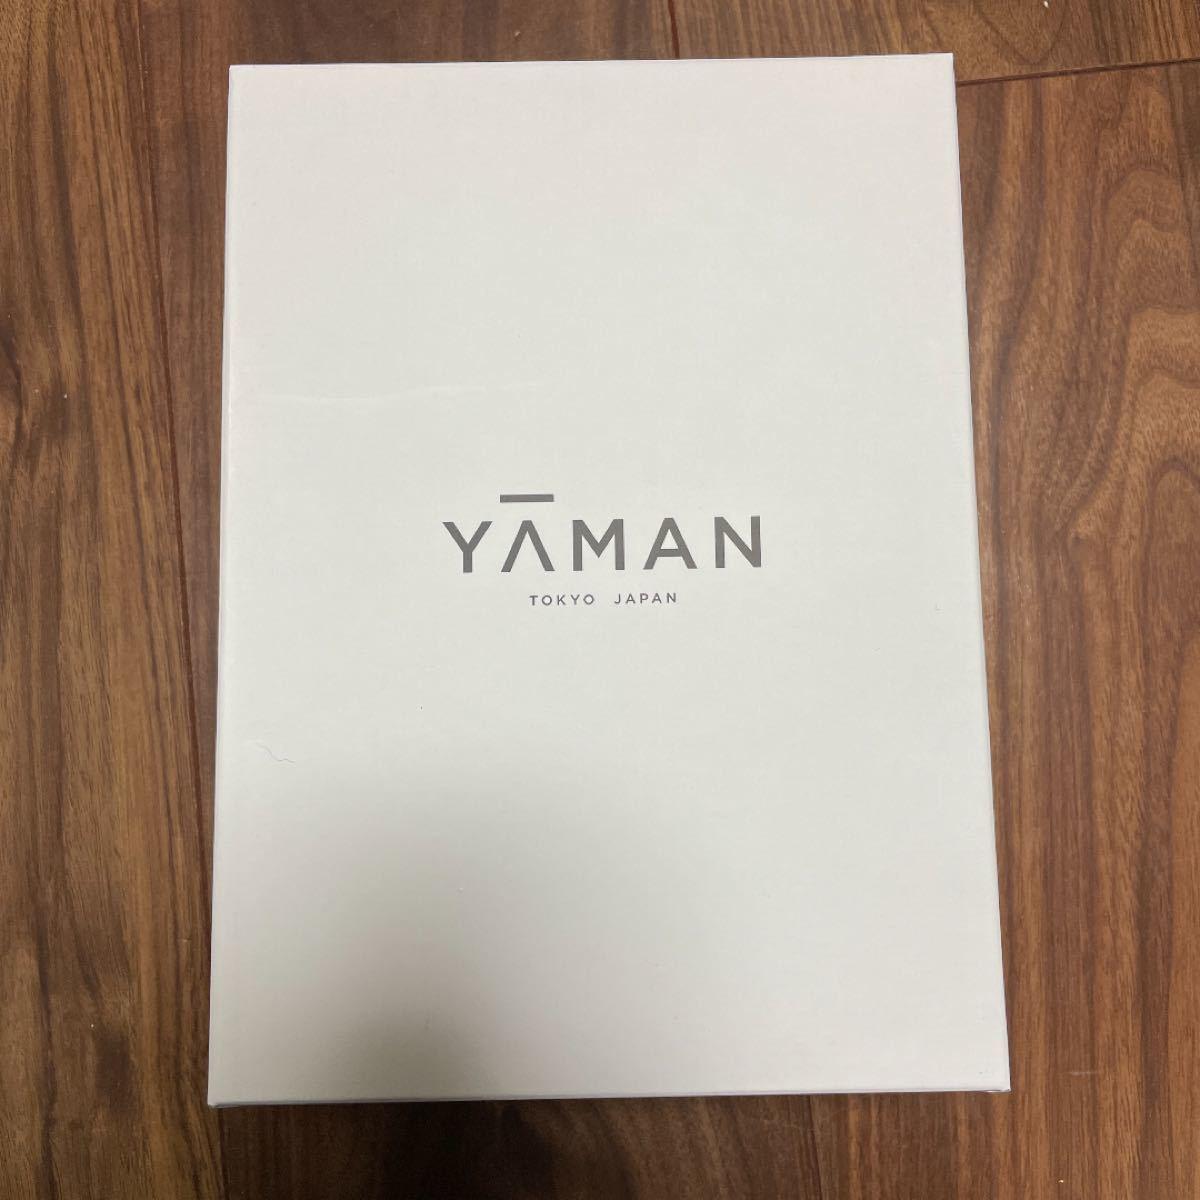 ヤーマン RF美顔器 フォトプラス EX